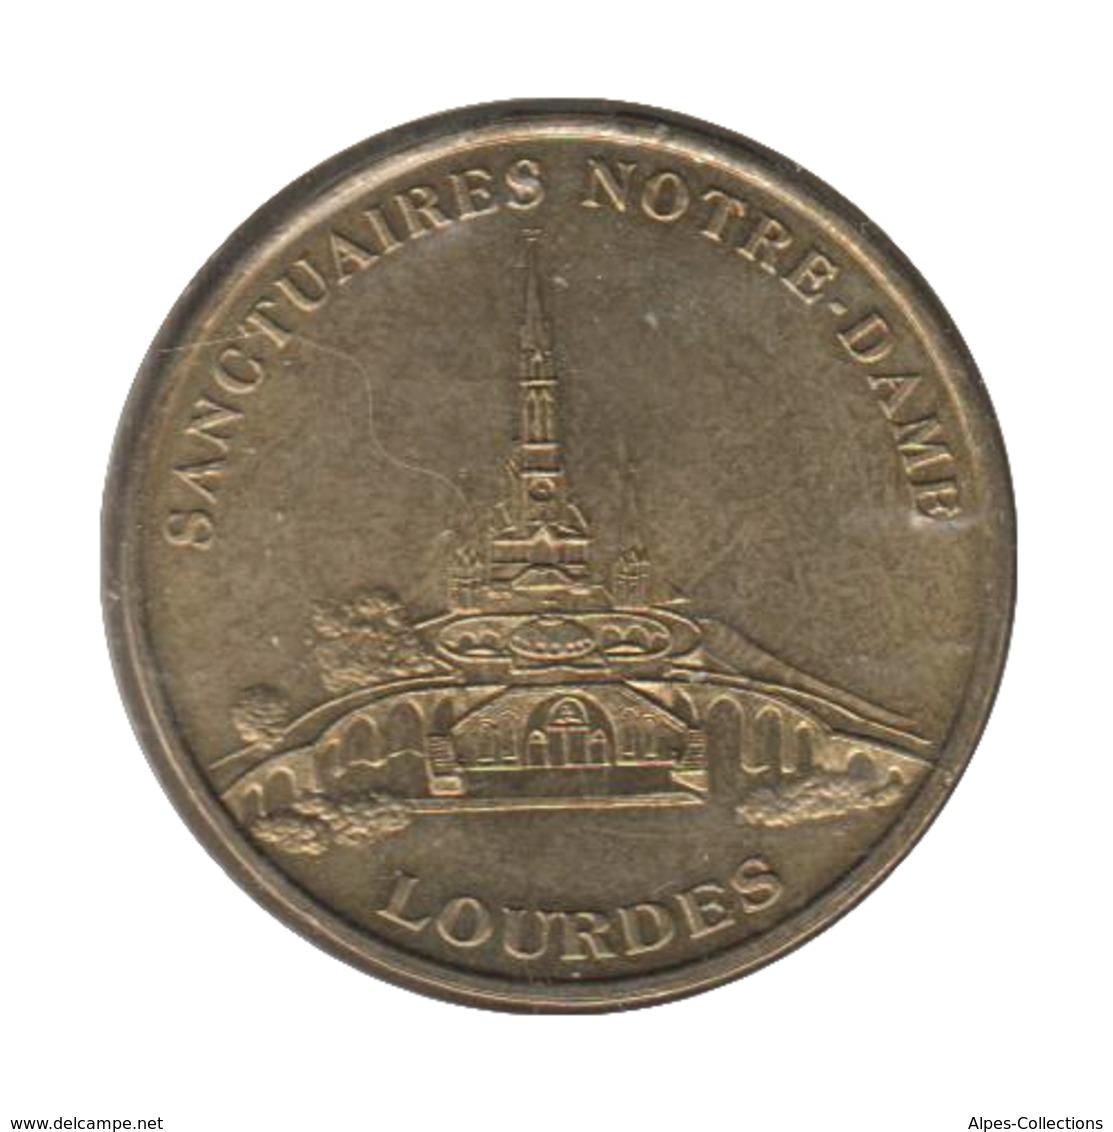 0215 - MEDAILLE TOURISTIQUE MONNAIE DE PARIS 65 - Sanctuaire Notre Dame Lourdes - Monnaie De Paris